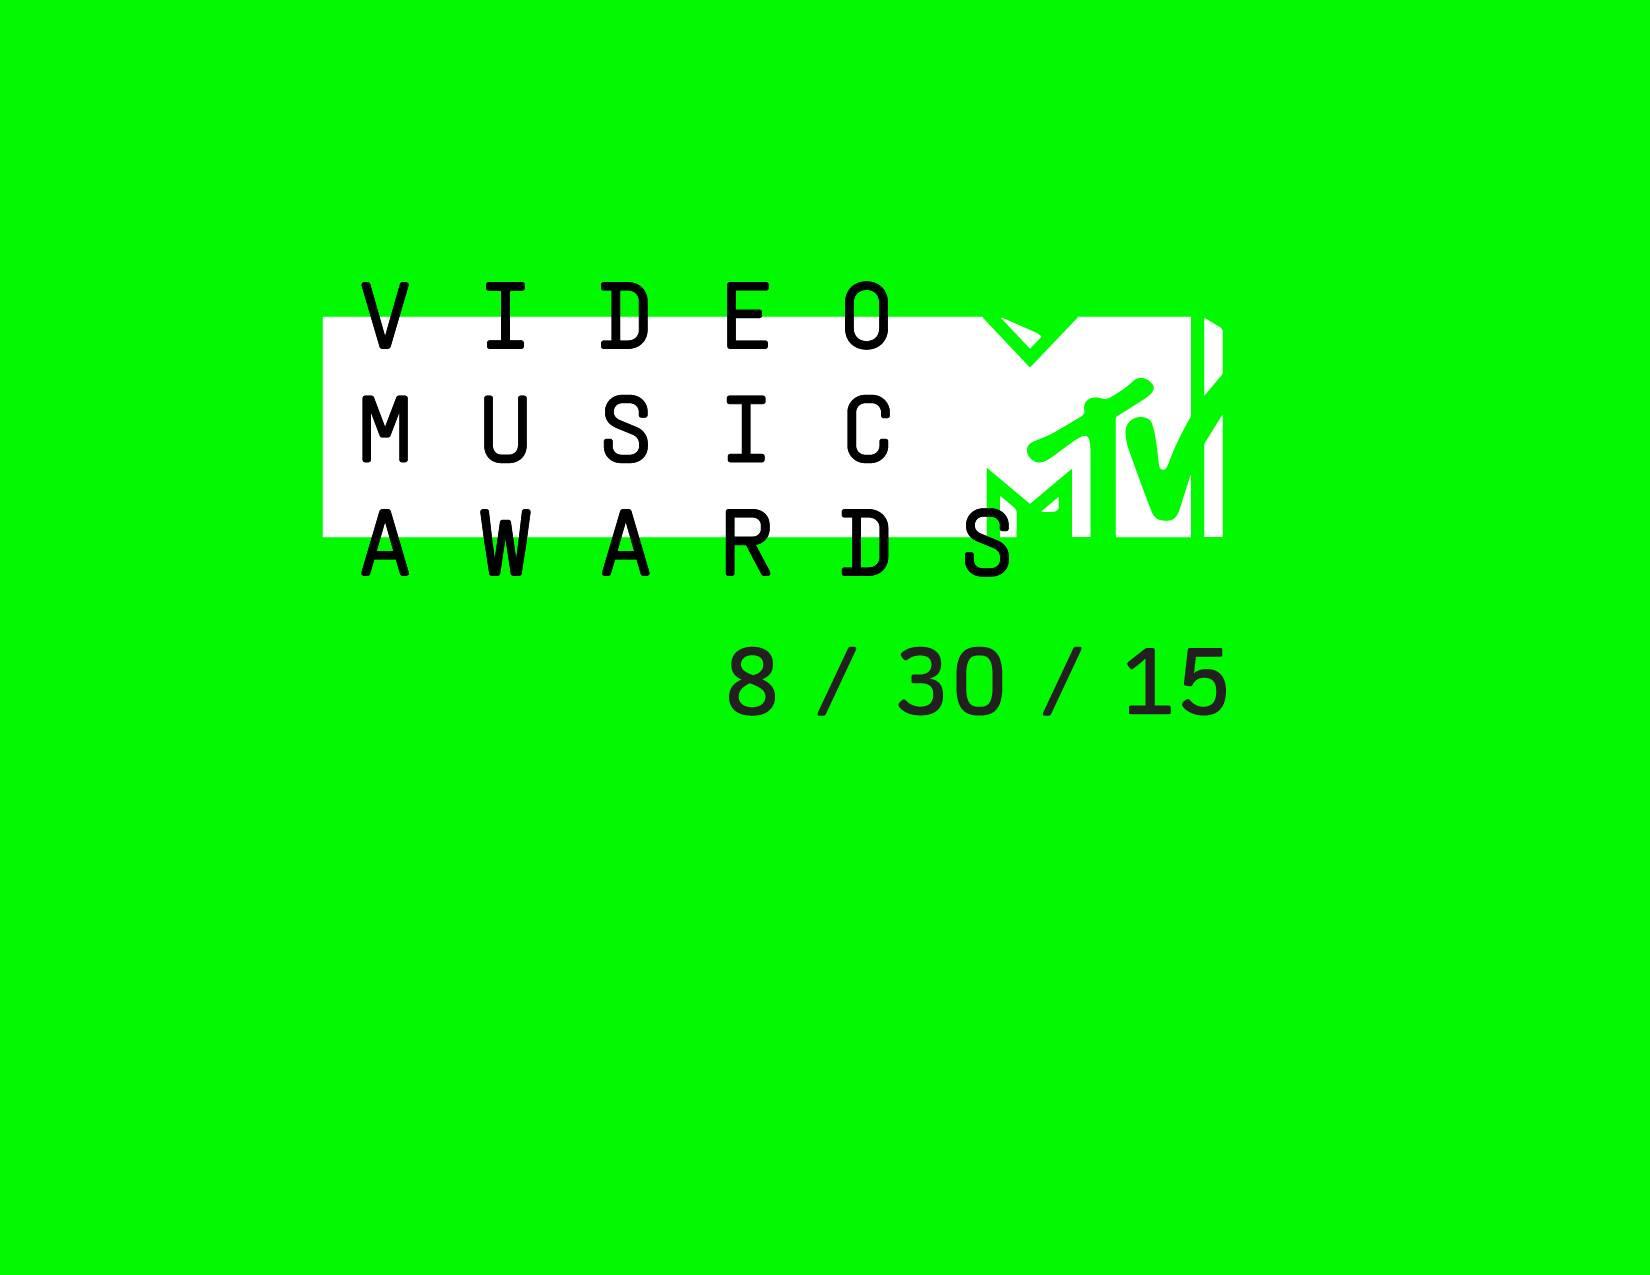 Das waren die MTV Video Music Awards 2015